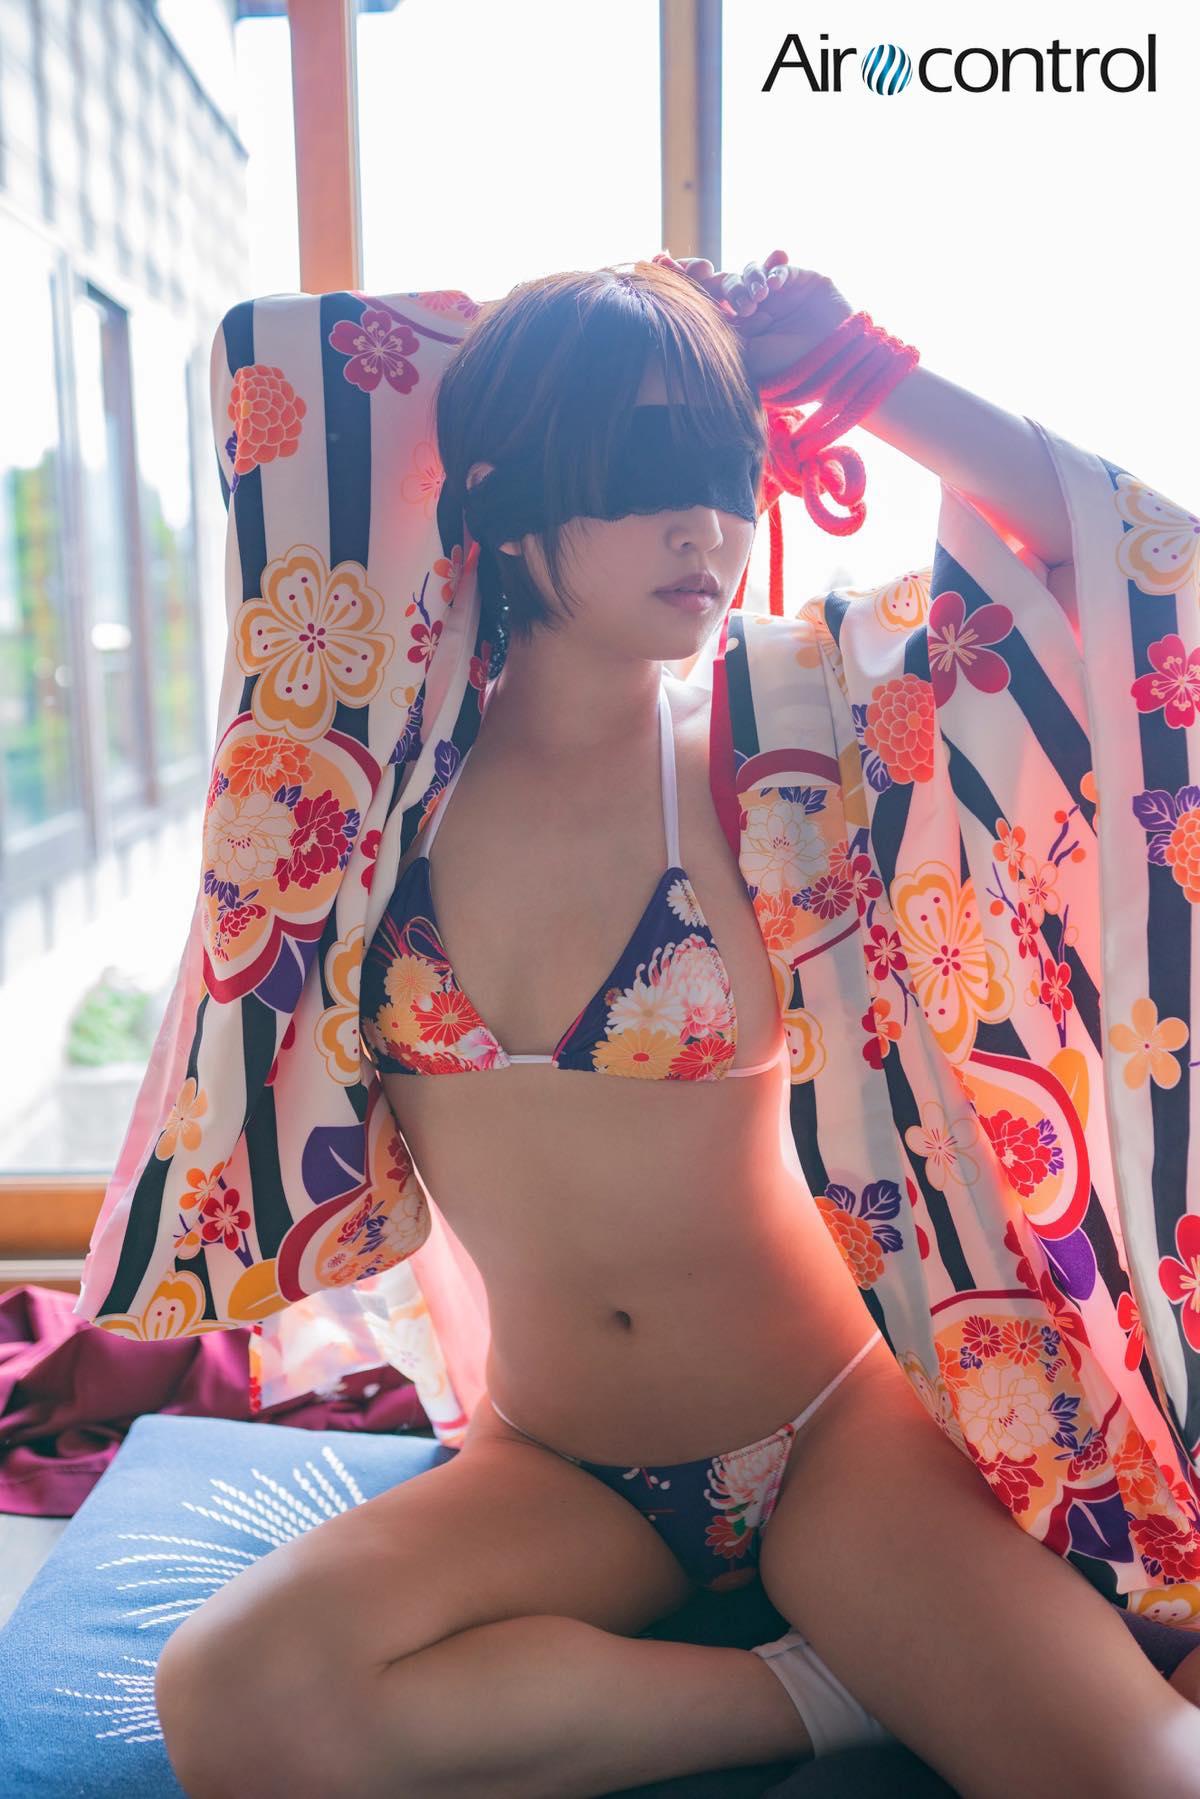 小柳歩「セクシー温泉旅行」で露出しまくり!【写真7枚】の画像005